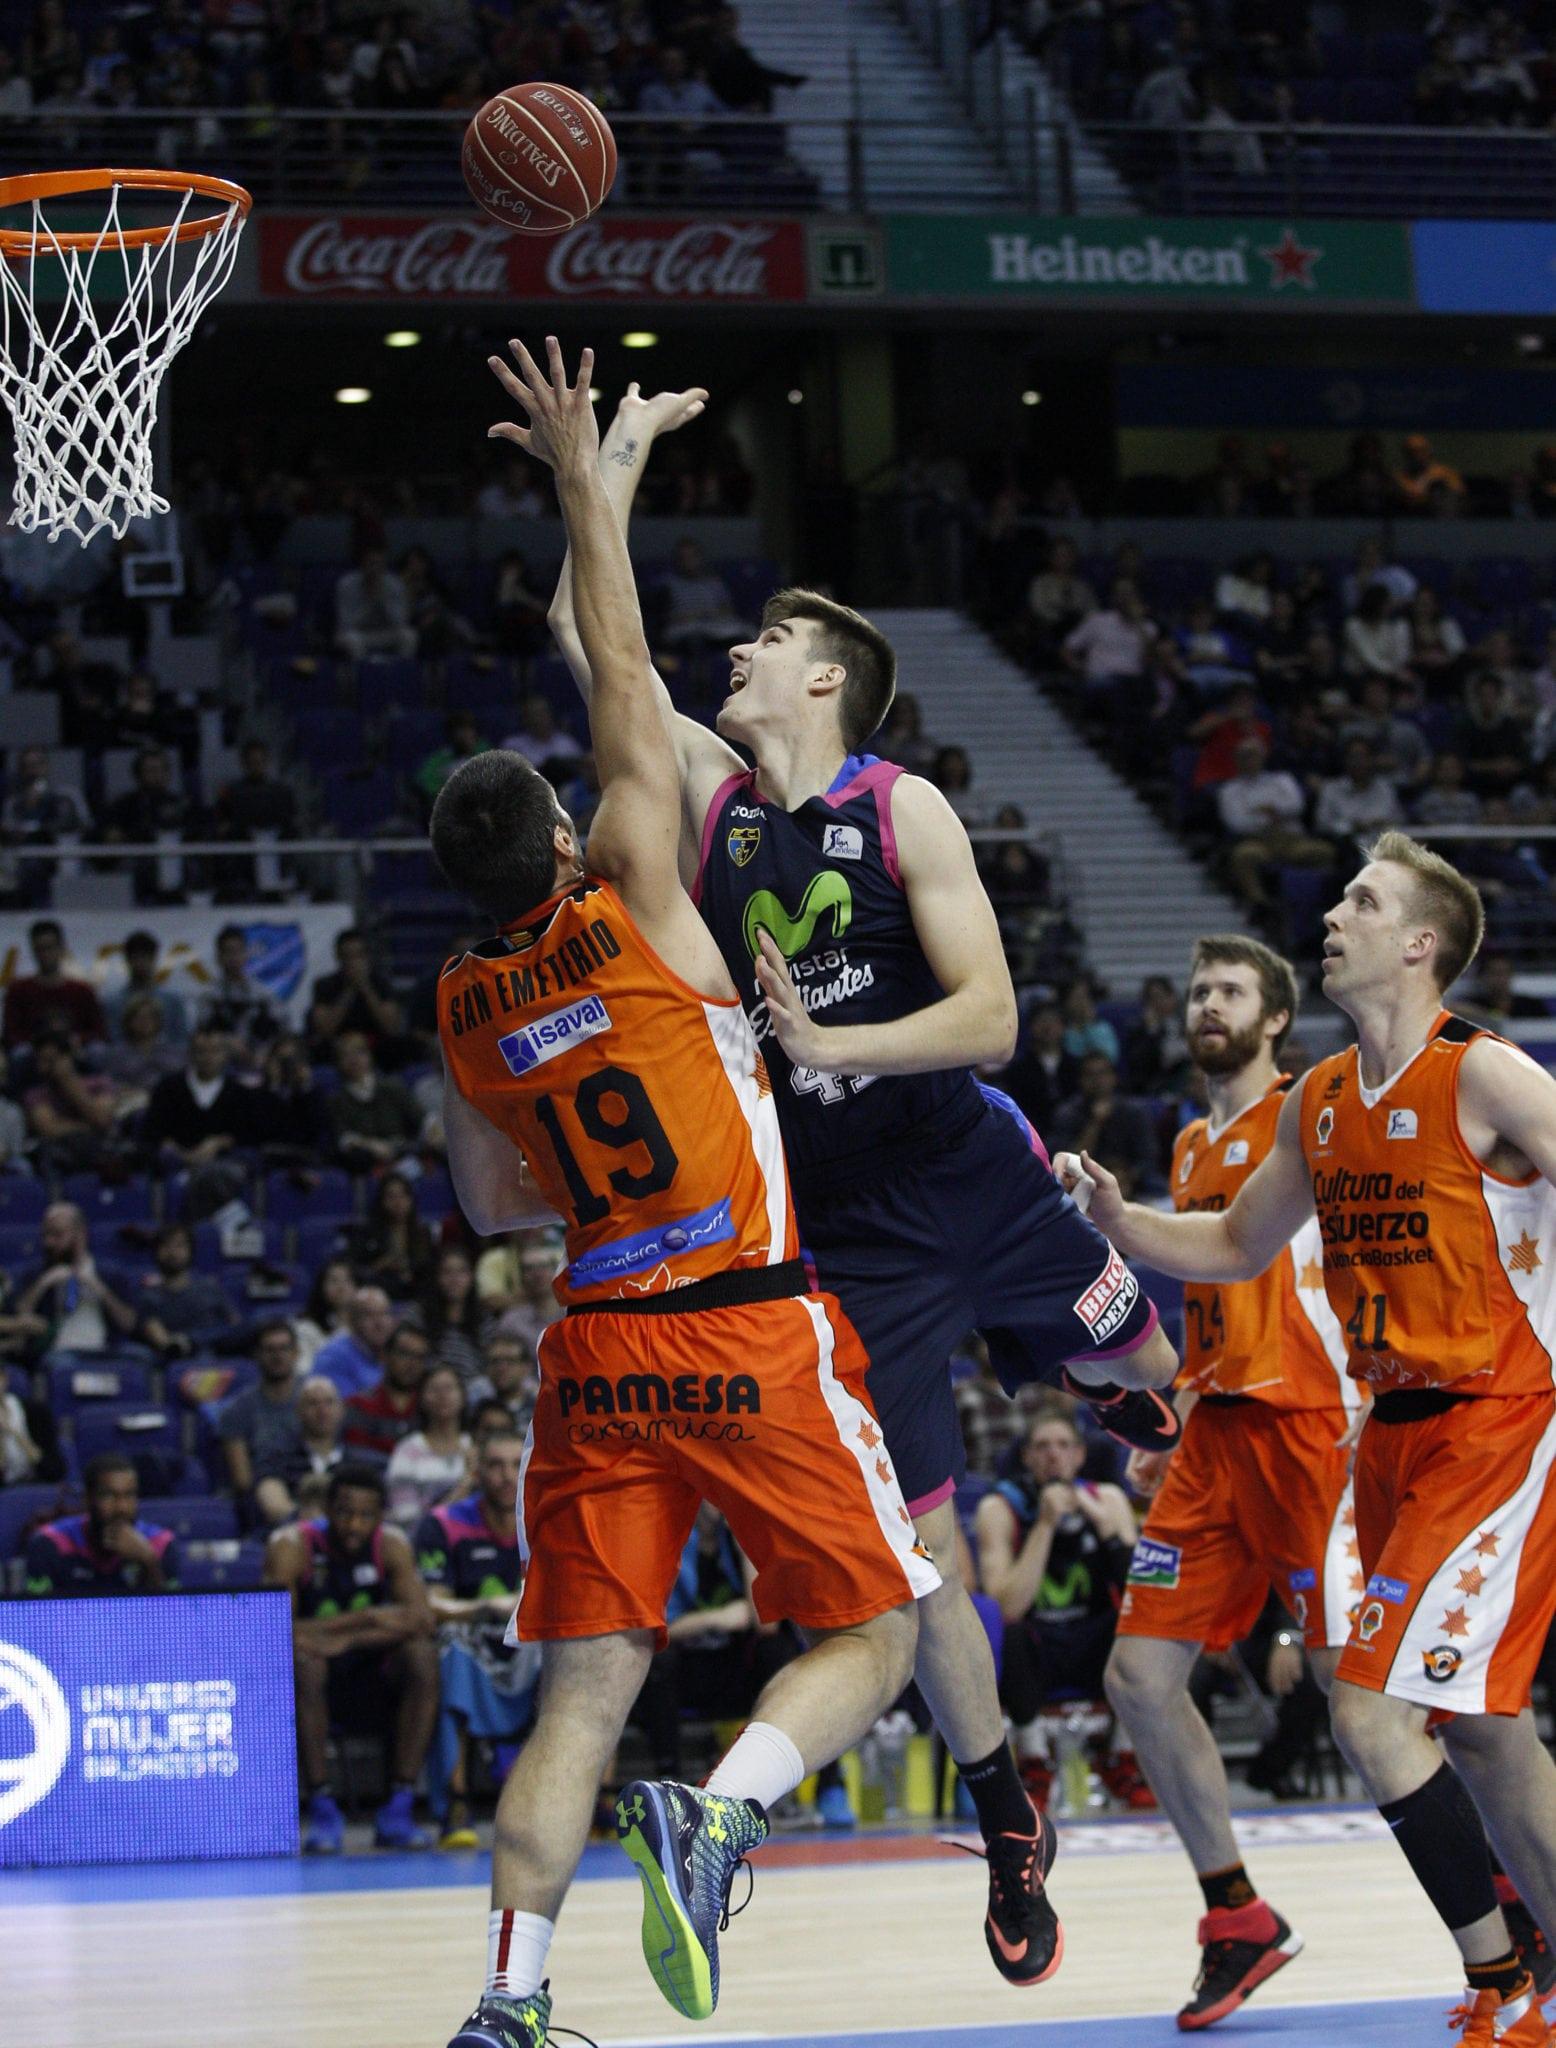 Juancho Hernangómez, Diamon Simpson y Jaime Fernández protagonistas de las curiosidades ante Valencia Basket